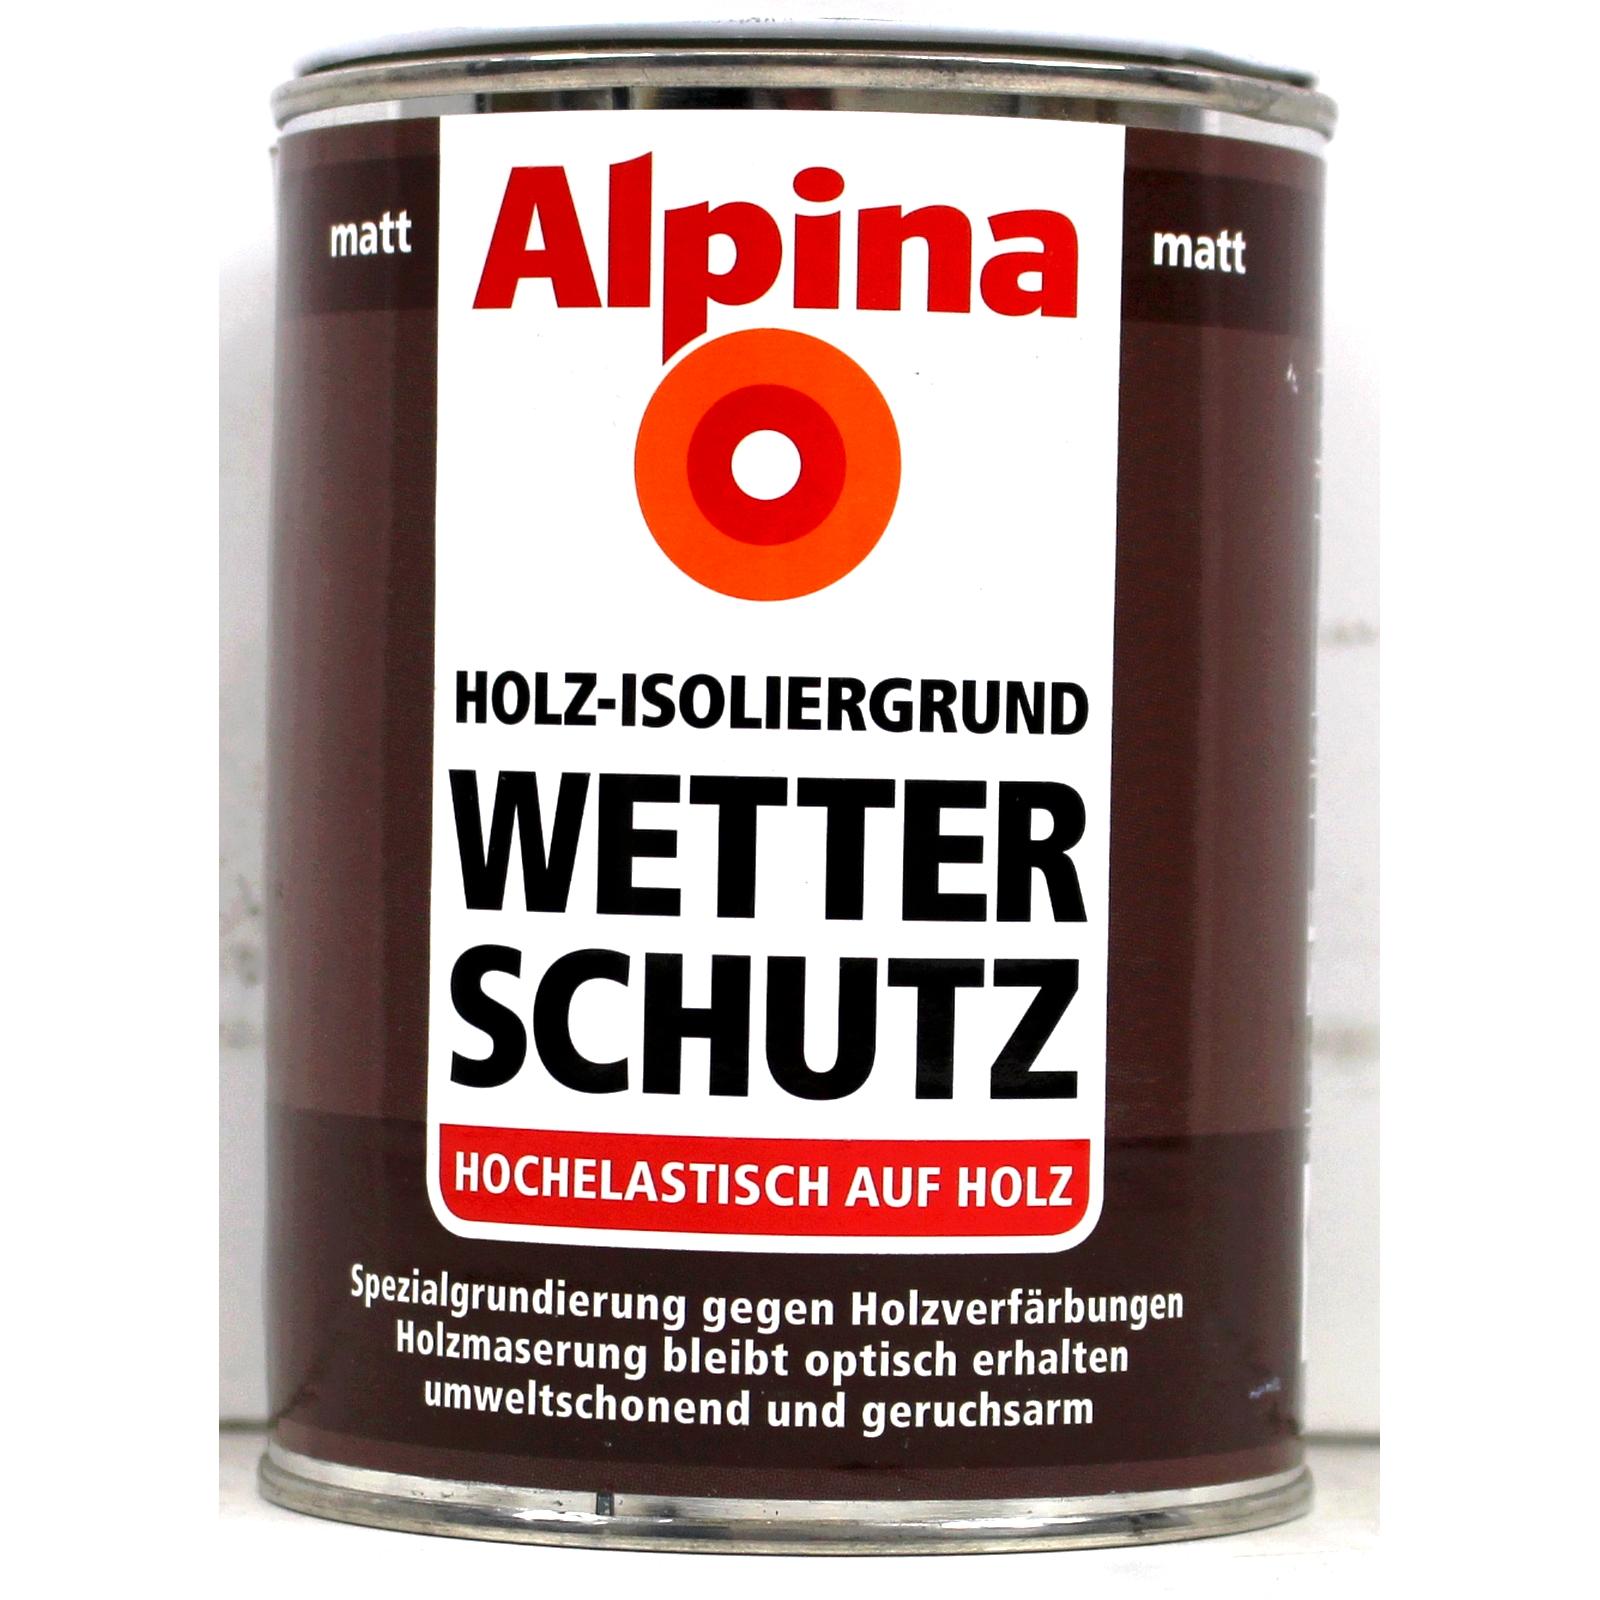 alpina wetterschutz holzisoliergrund weiss matt 1l isoliergrund holzgrund 4260410857496 ebay. Black Bedroom Furniture Sets. Home Design Ideas